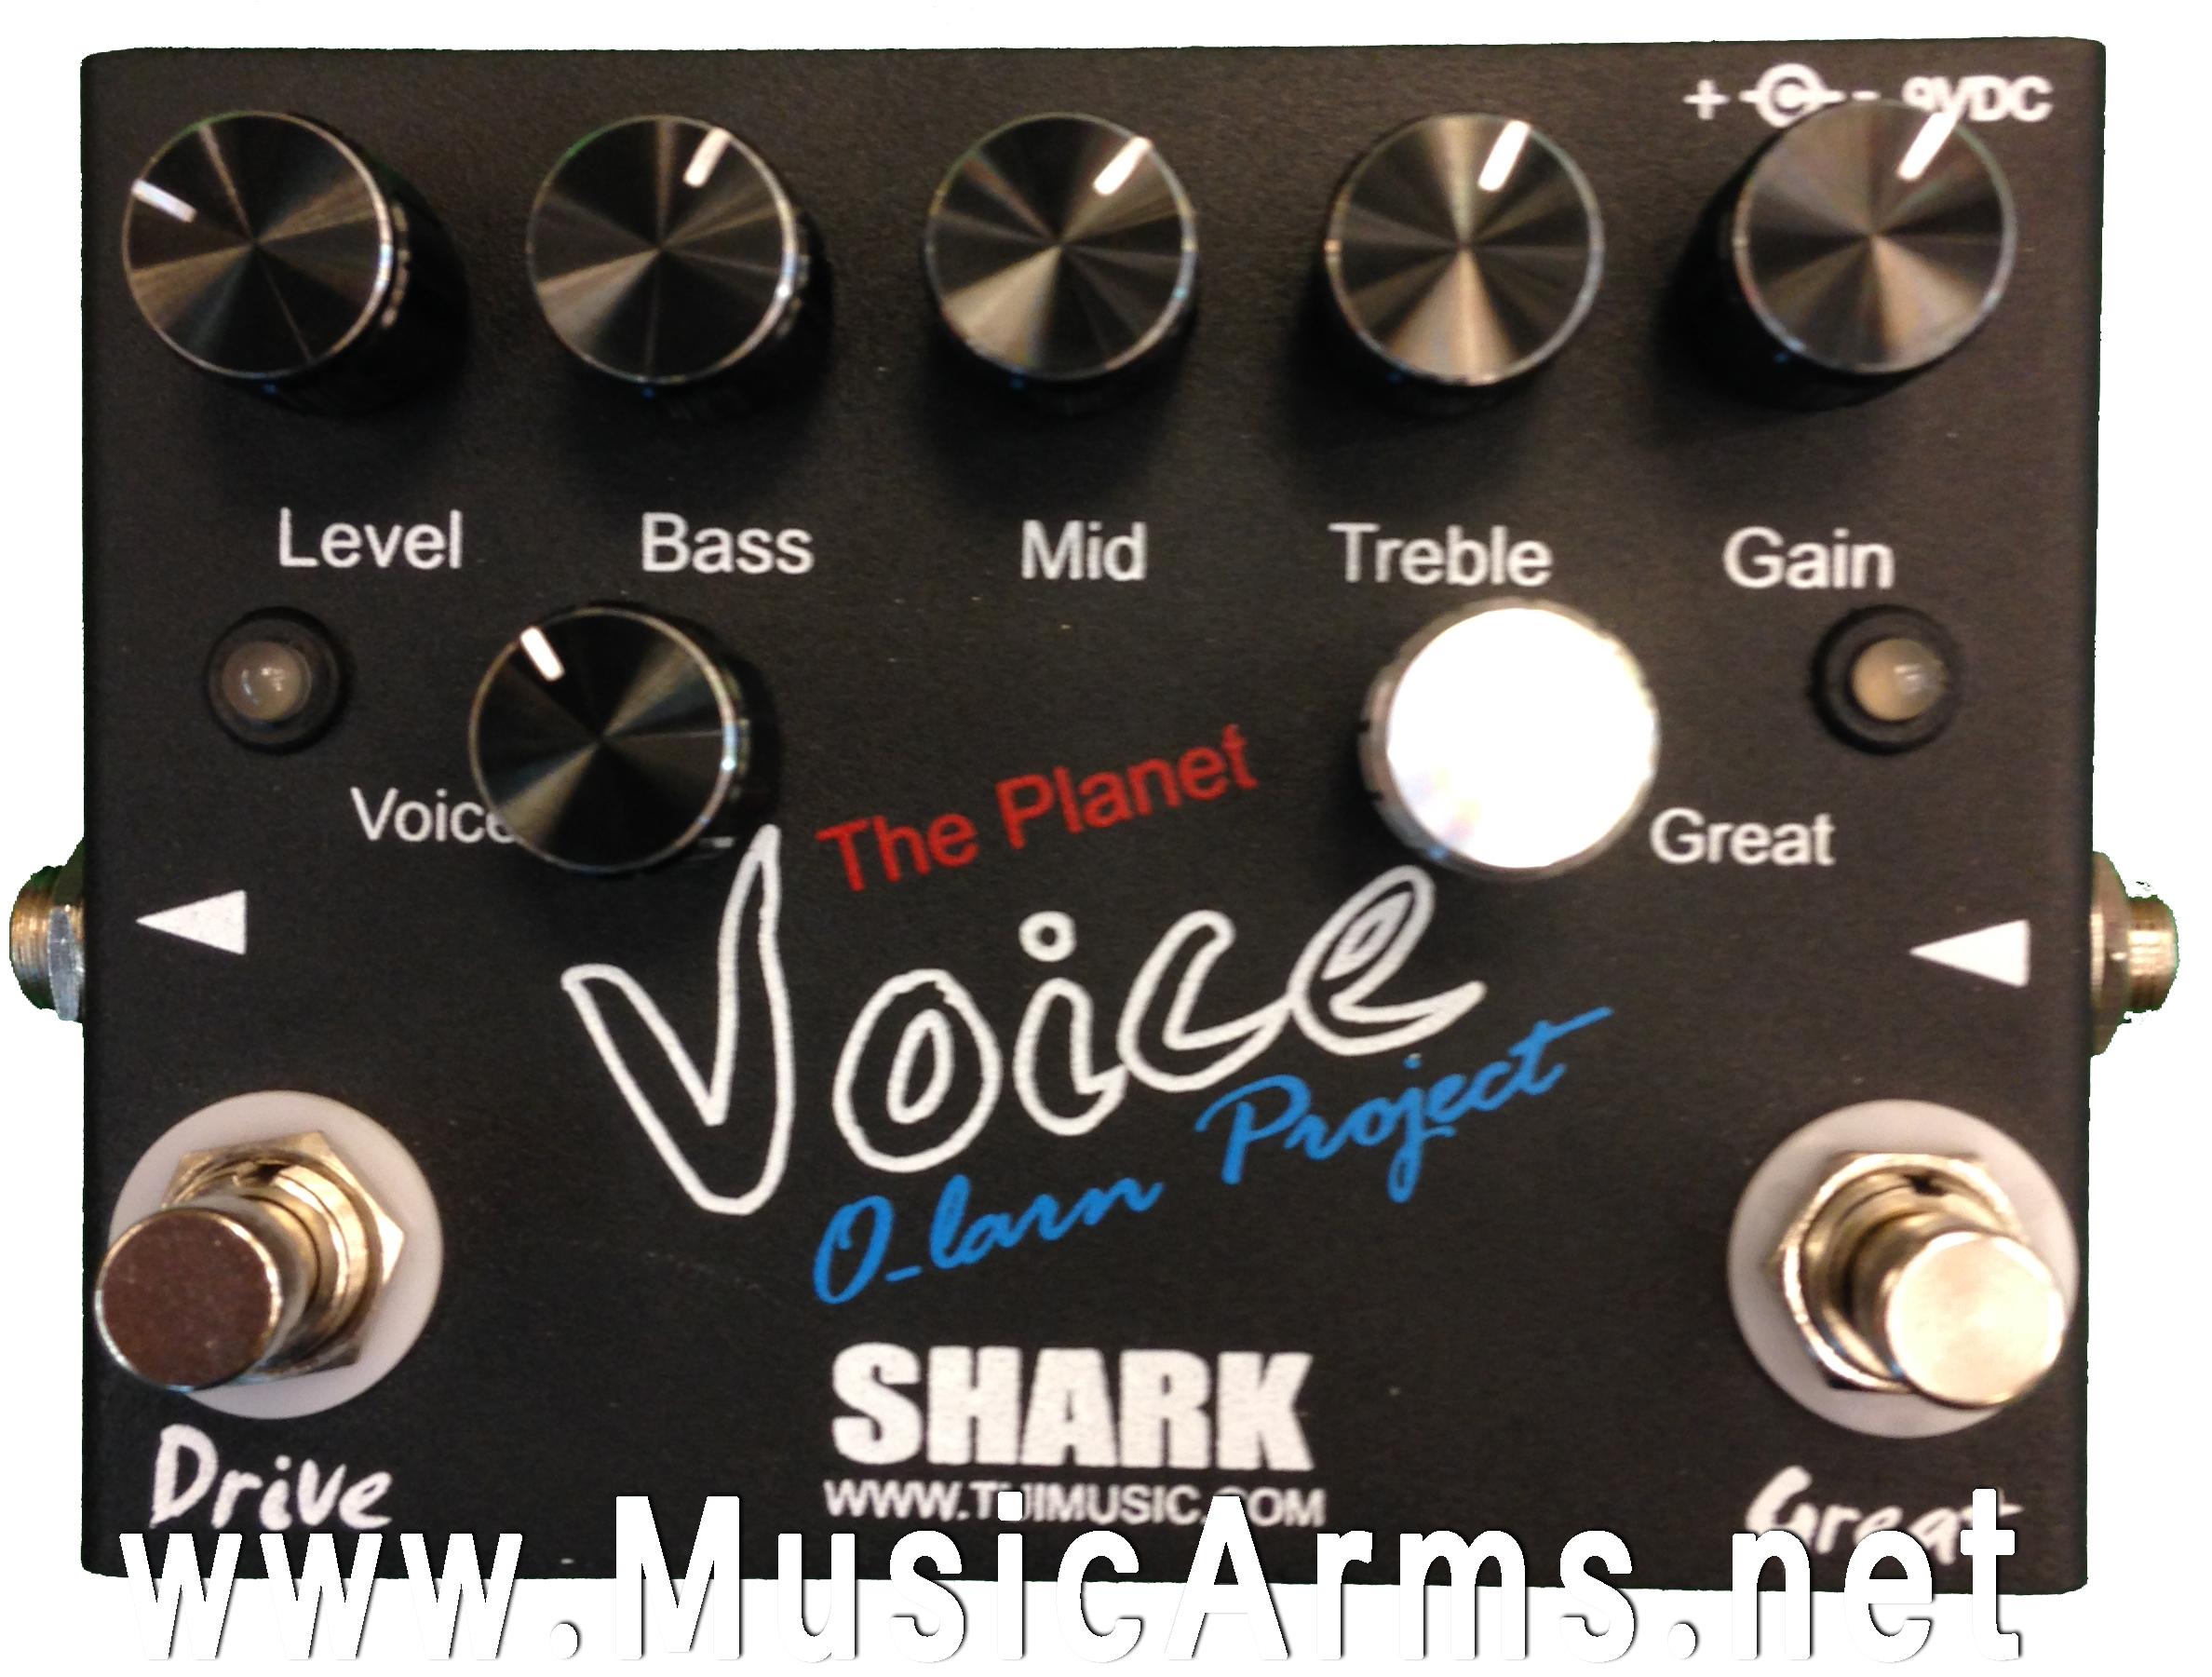 Shark Olarn